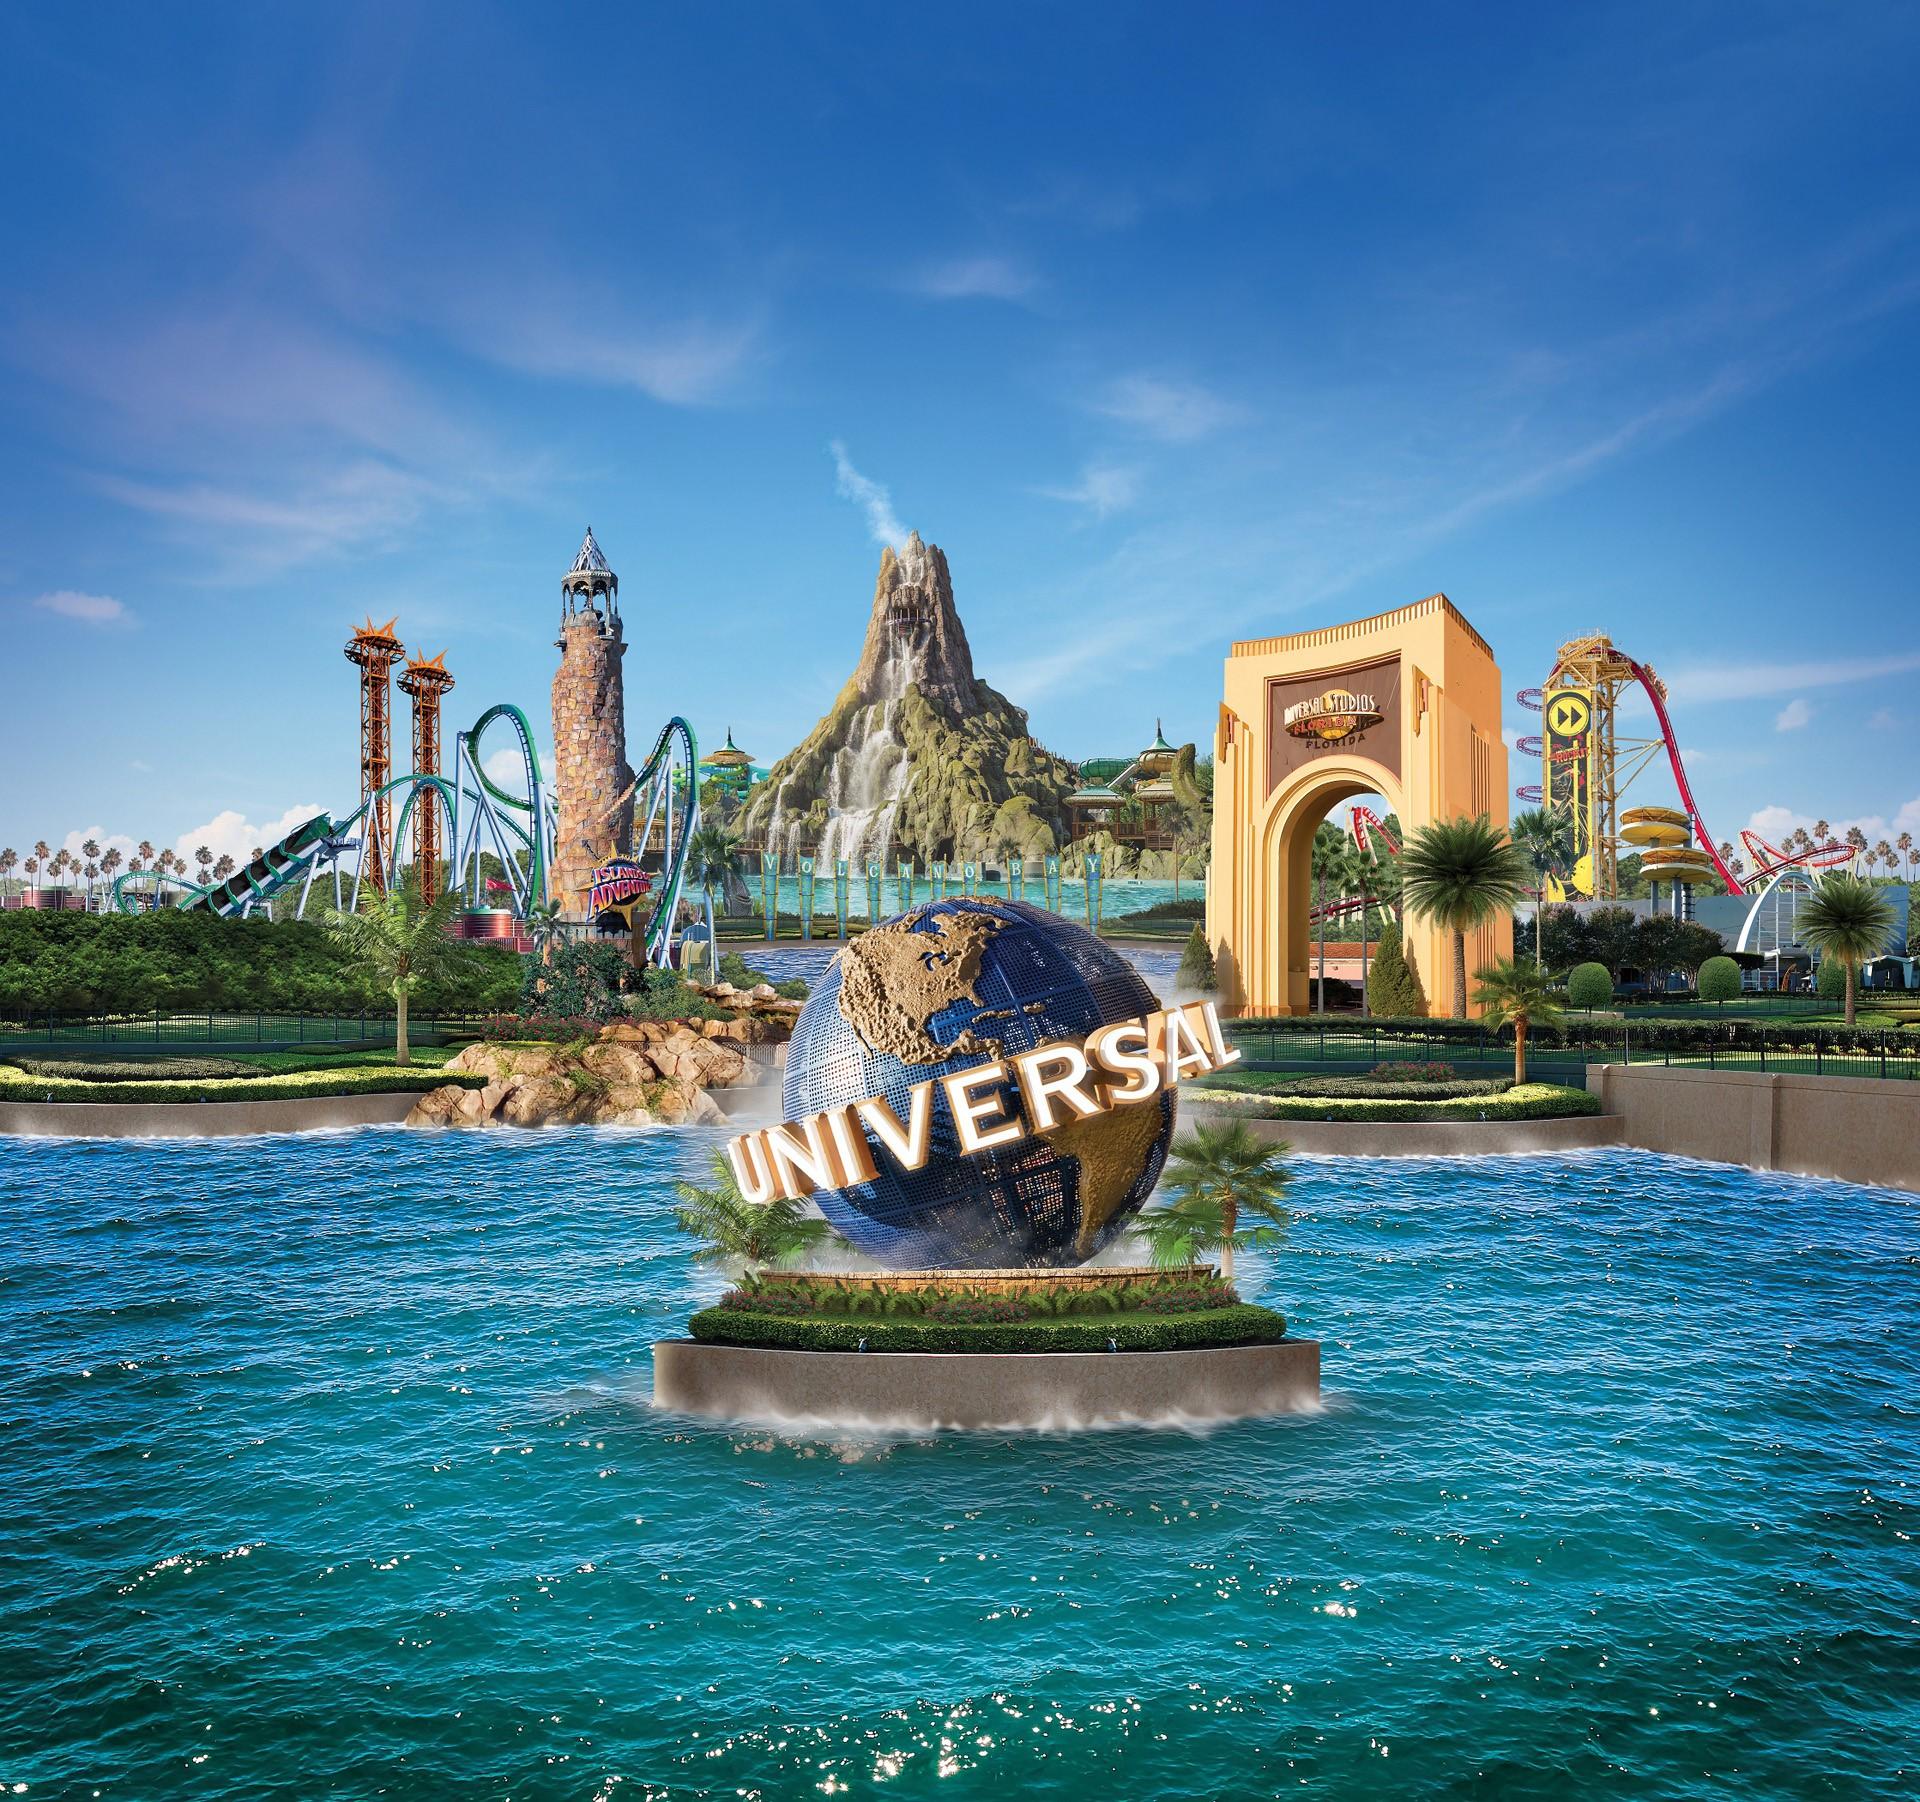 El veintisiete de junio se inaugurará Universal's Endless Summer Complejo turístico, un complejo situado en la zona hotelera por antonomasia de Orlando, que va a contar con 2 hoteles: Surfside Inn and Suites y Dockside Inn and Suites